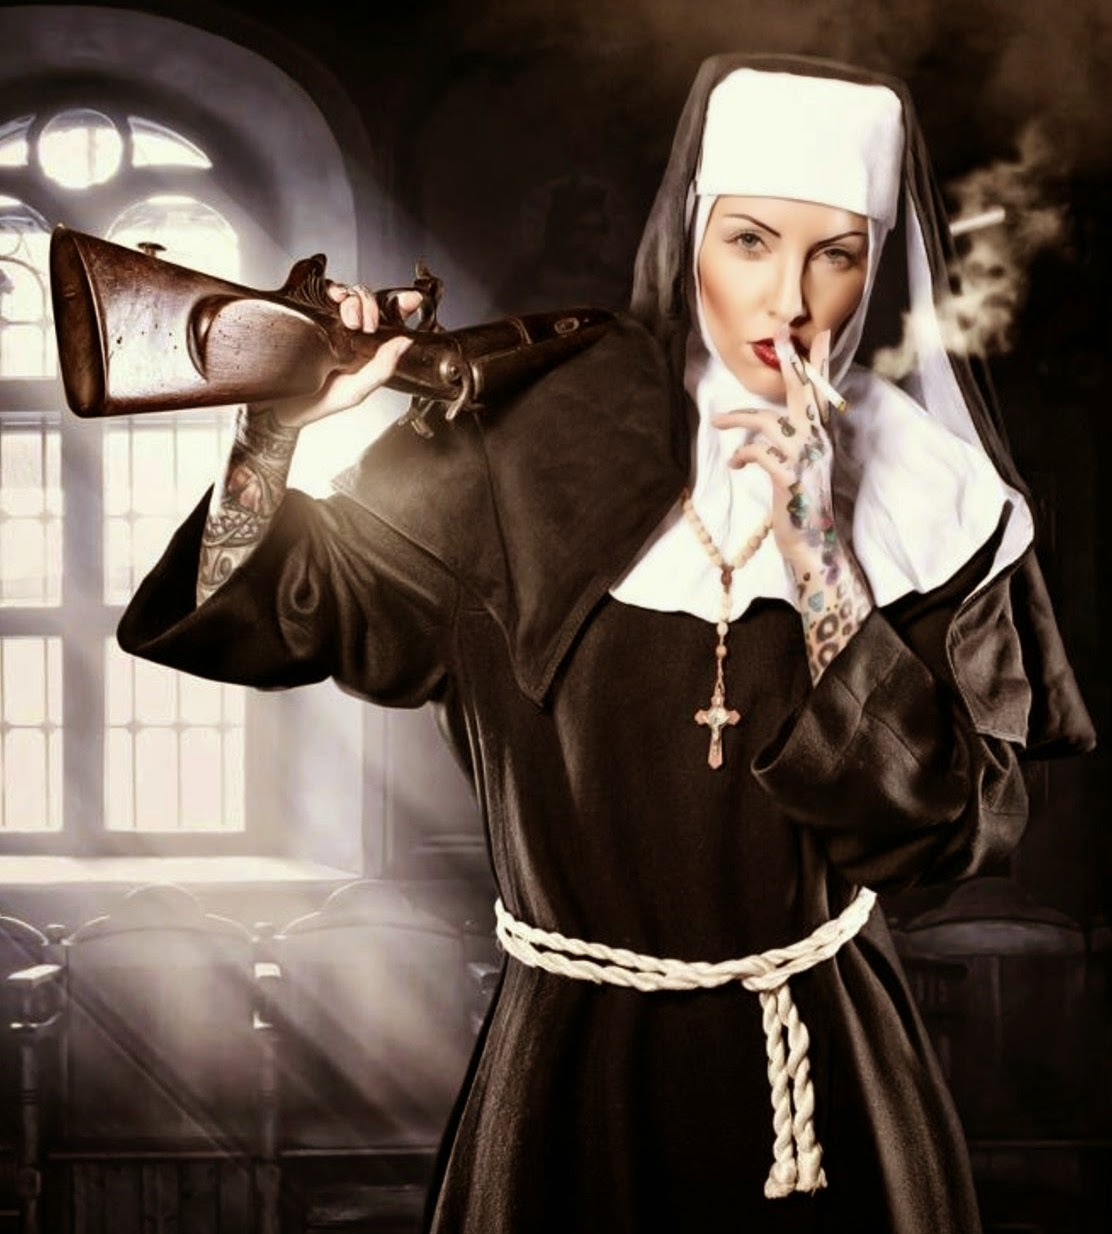 Sou a Gyoconda Ferro Salgado, madre superiora do Convento das Redentoras Humilhas